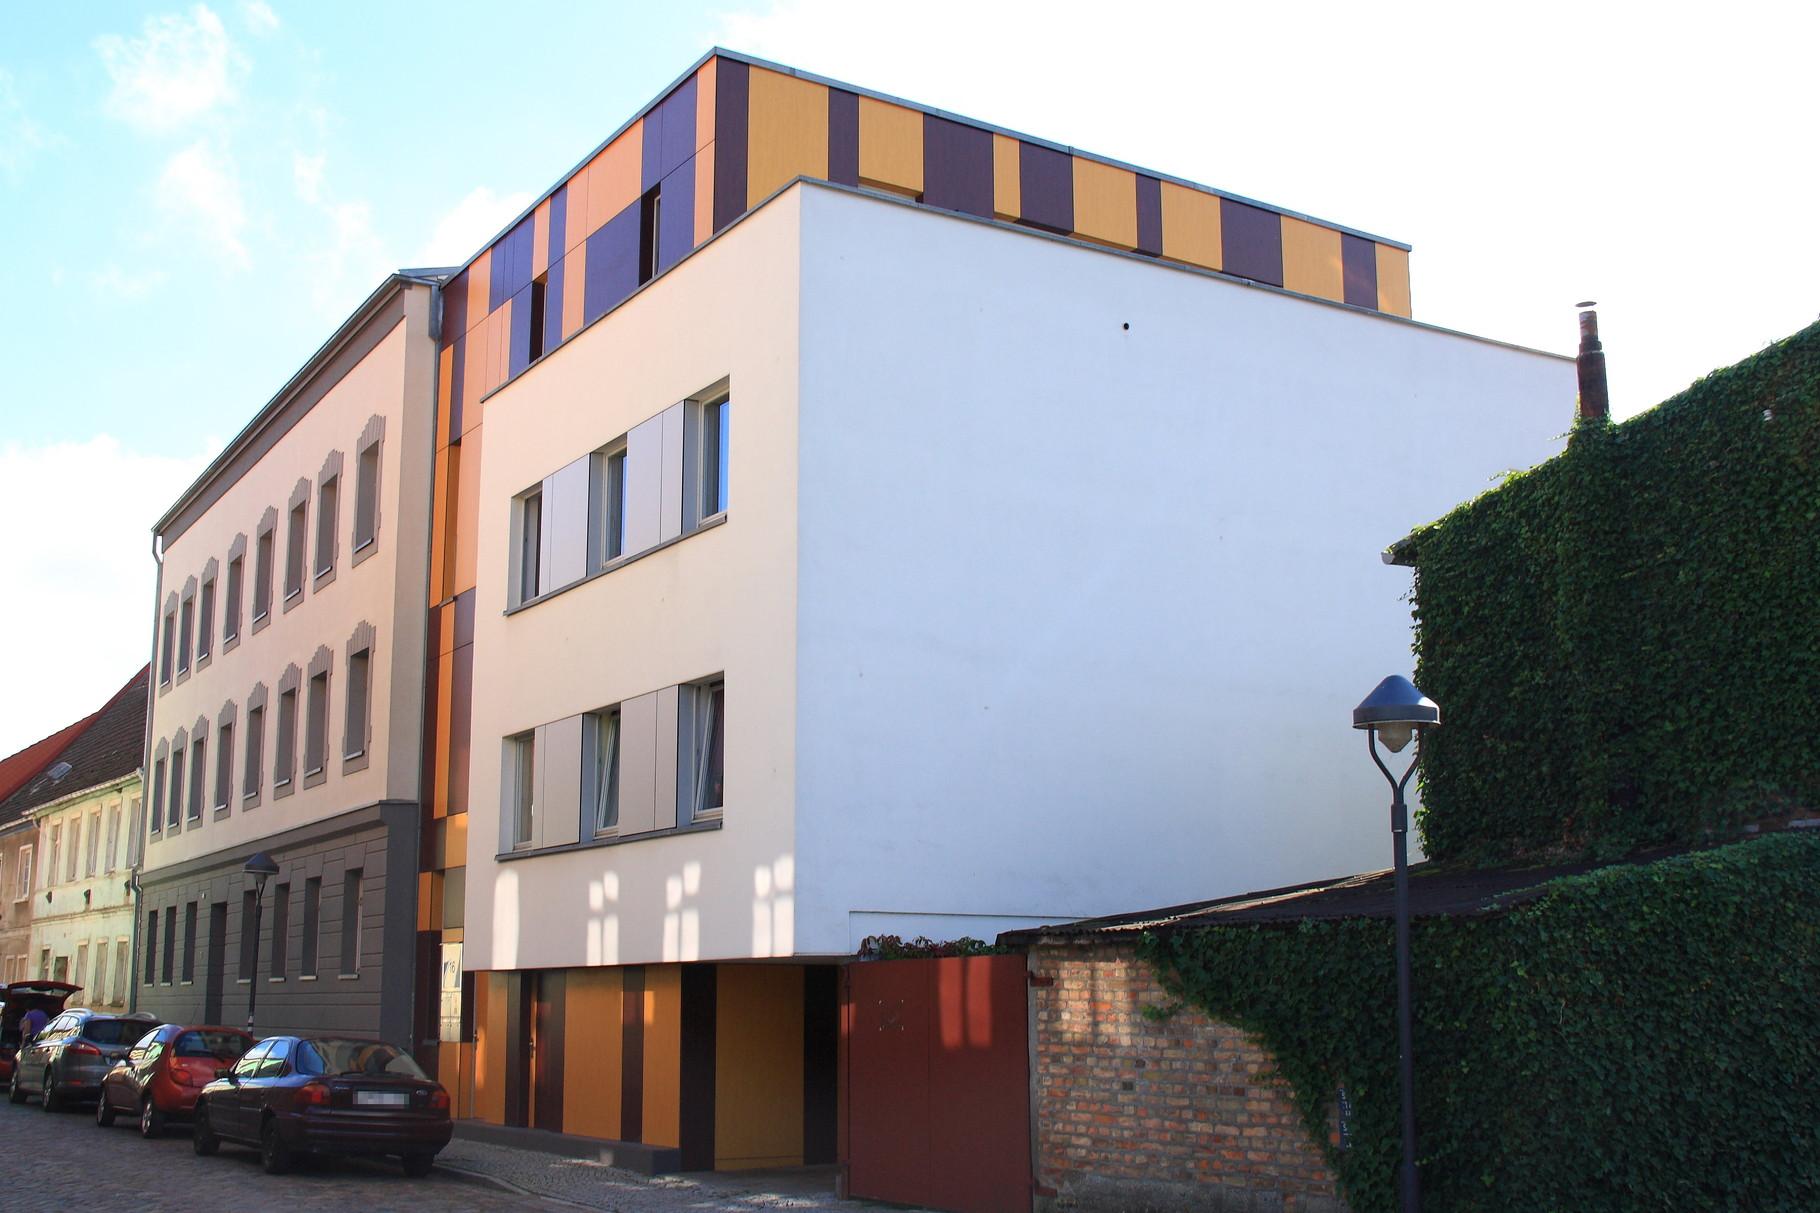 Anklam, Mehrfamilienhaus Heilige-Geist-Straße 16-18